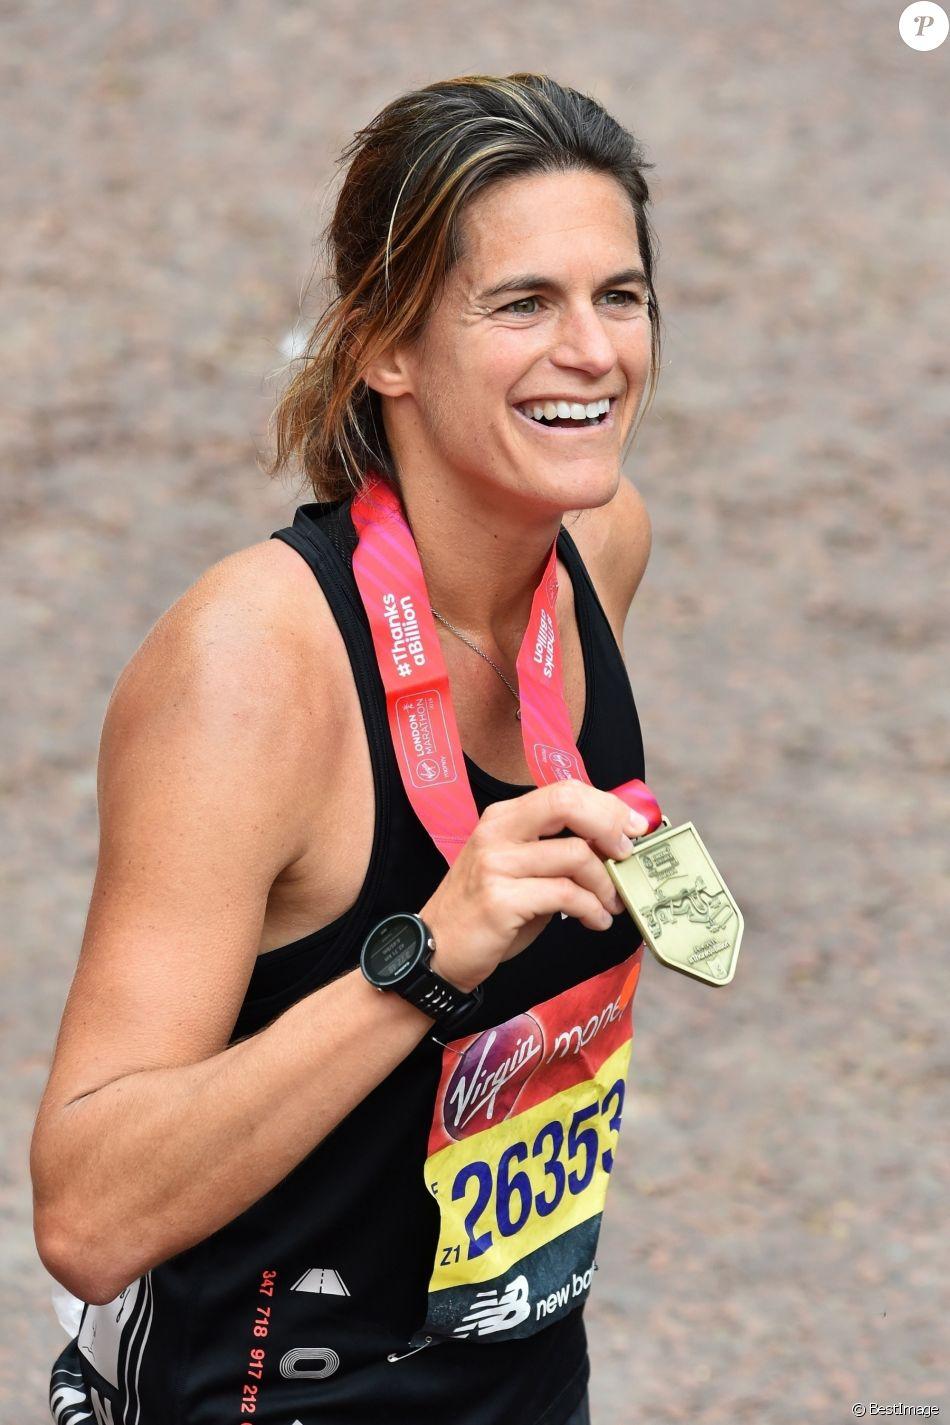 Amélie Mauresmo boucle le marathon de Londres en 3h22'45'' le 28 avril 2019.